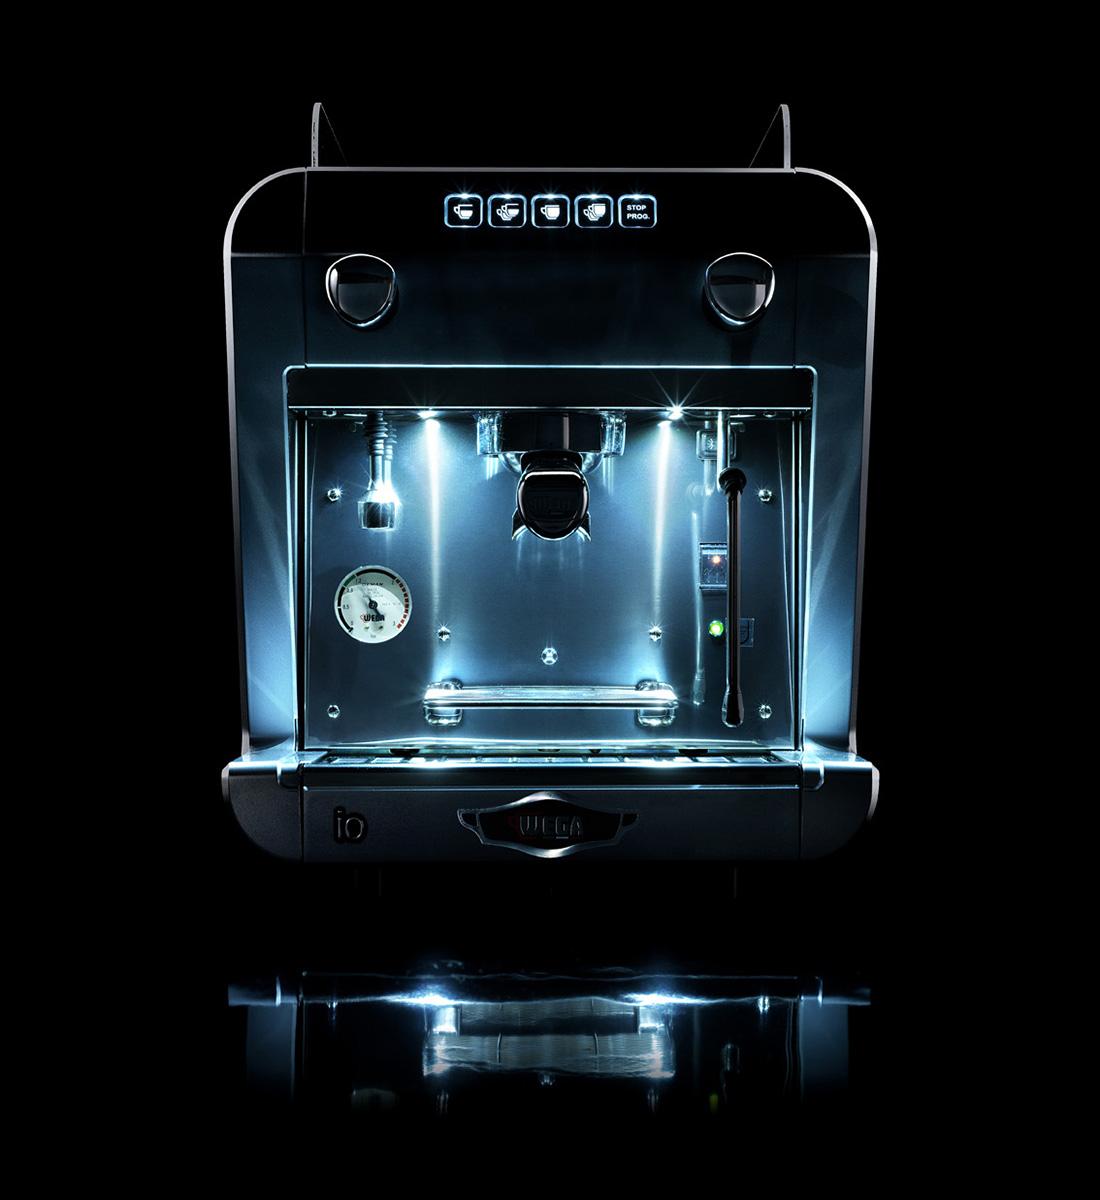 Wega Macchine Caffé